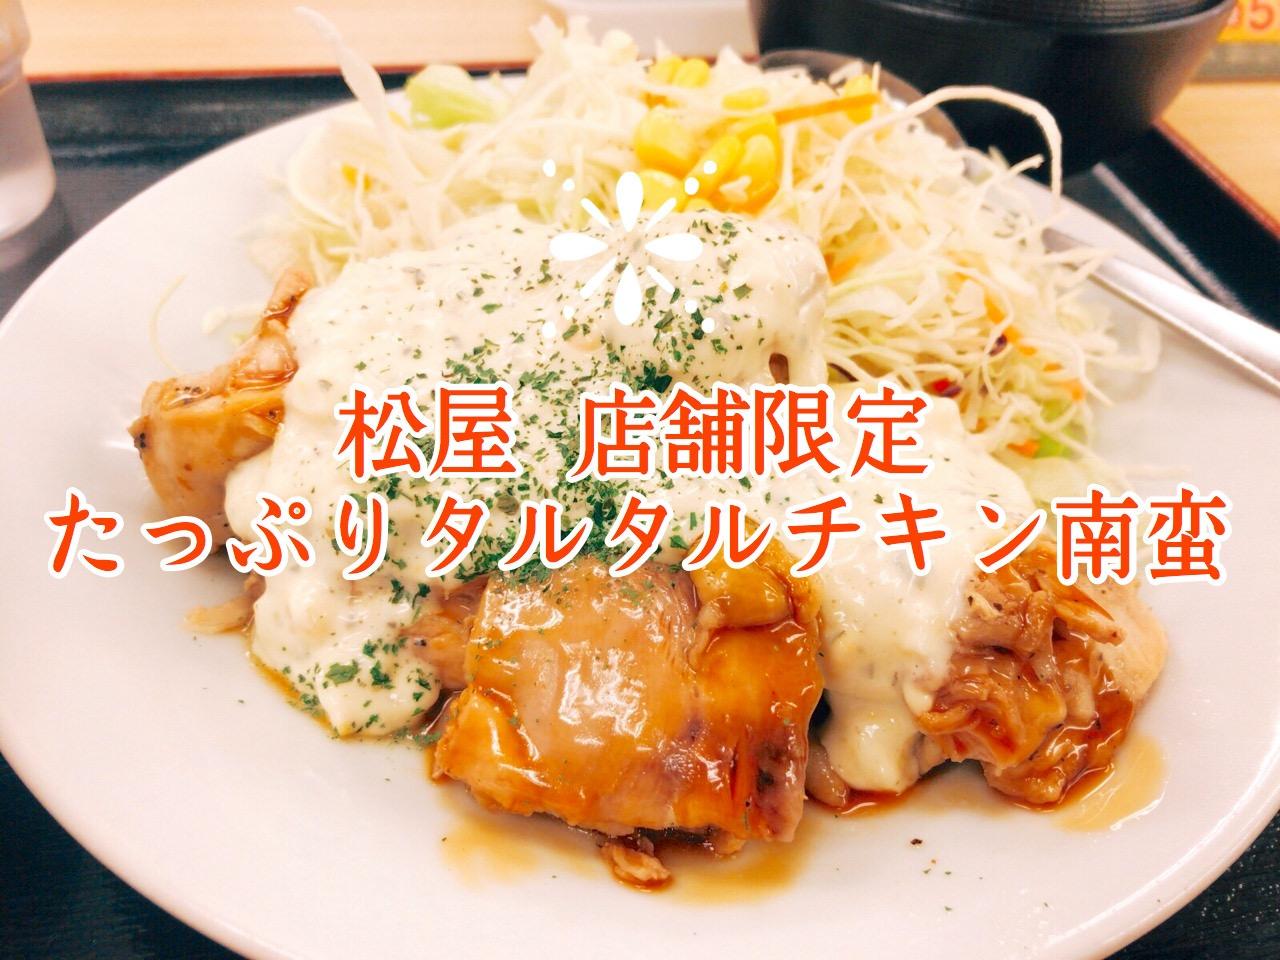 【松屋】たっぷりタルタルの店舗限定メニュー「チキン南蛮焼き定食」食べてみた